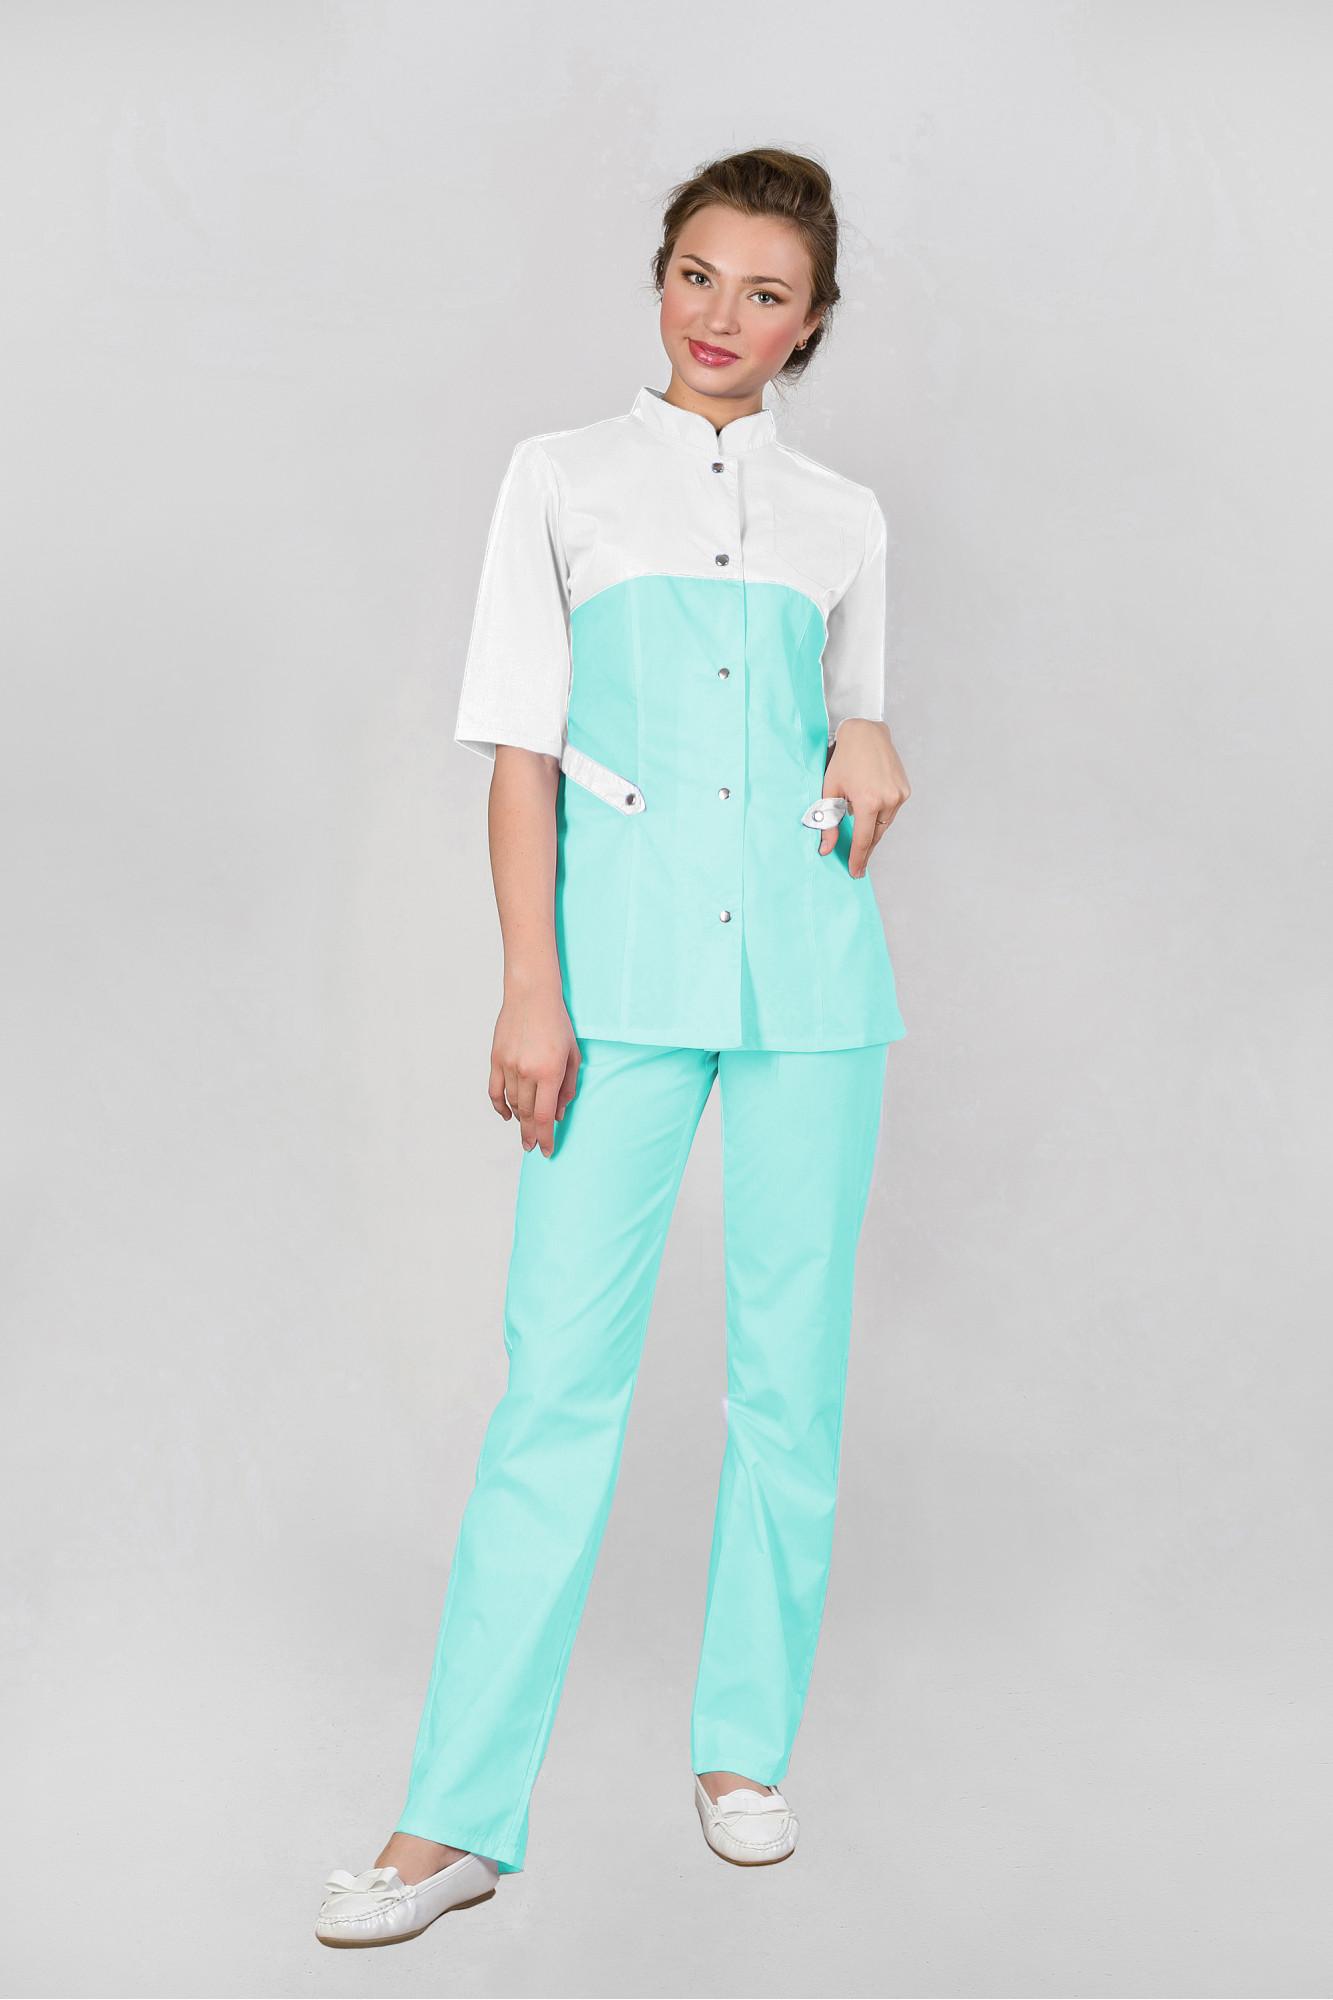 3e242a366e0c3 Костюм медицинский женский №241 белый-бирюза | Медицинская одежда от ...